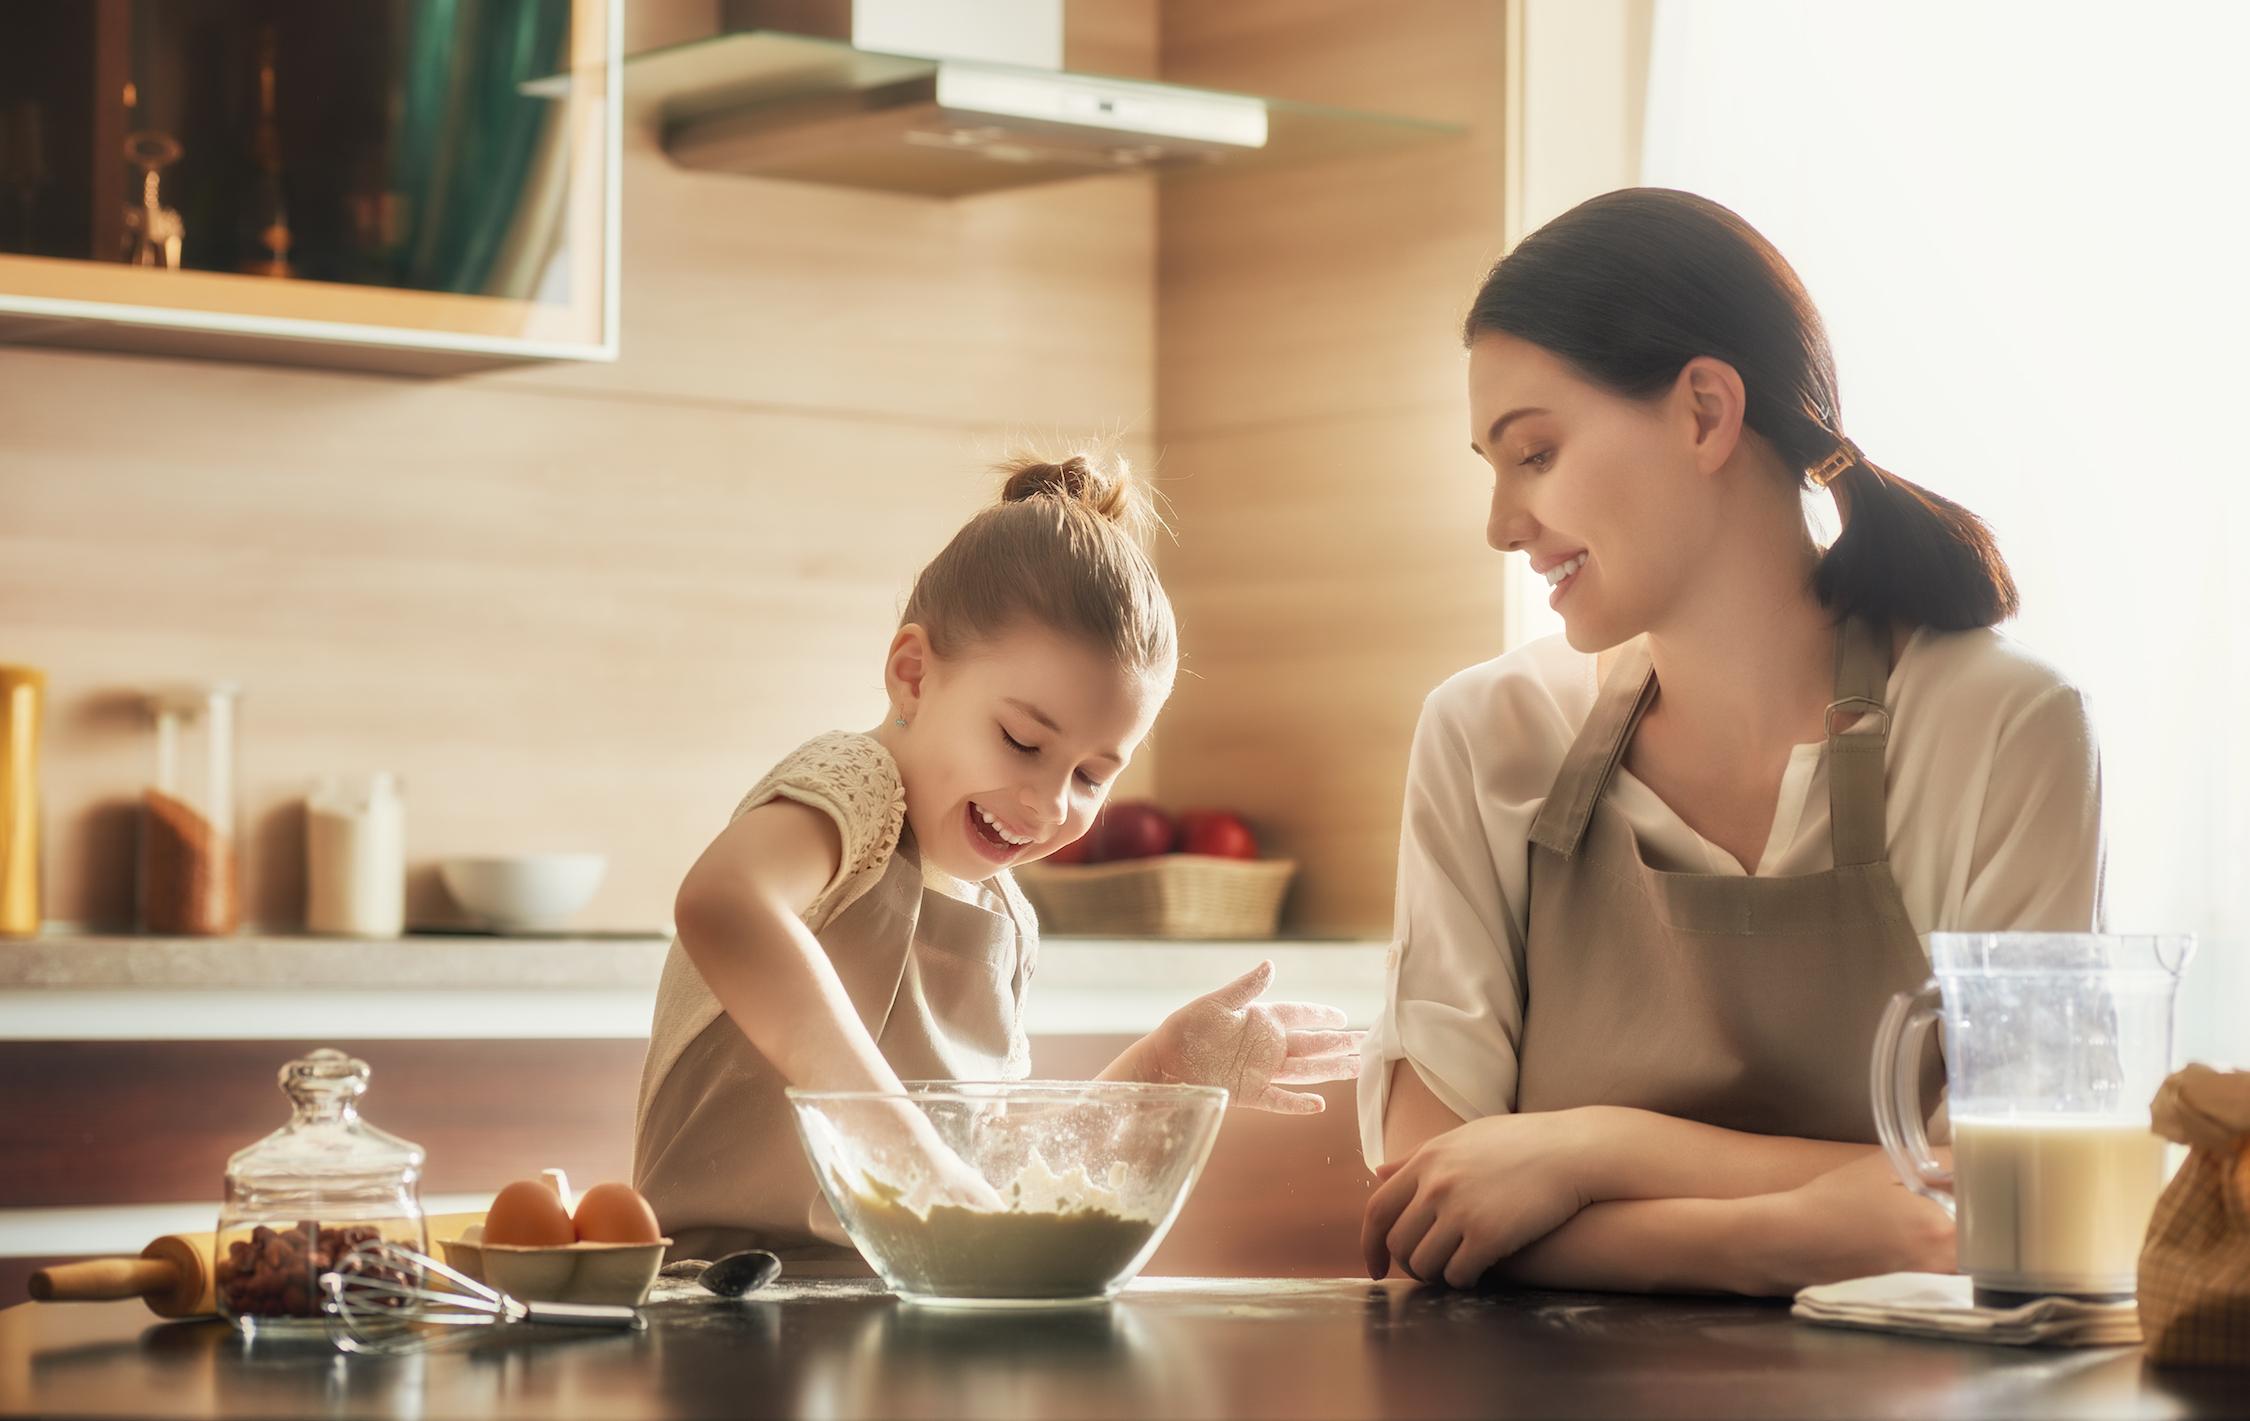 Mujer-y-niña-en-cocina-de-estilo-nordico-de-madera-natural